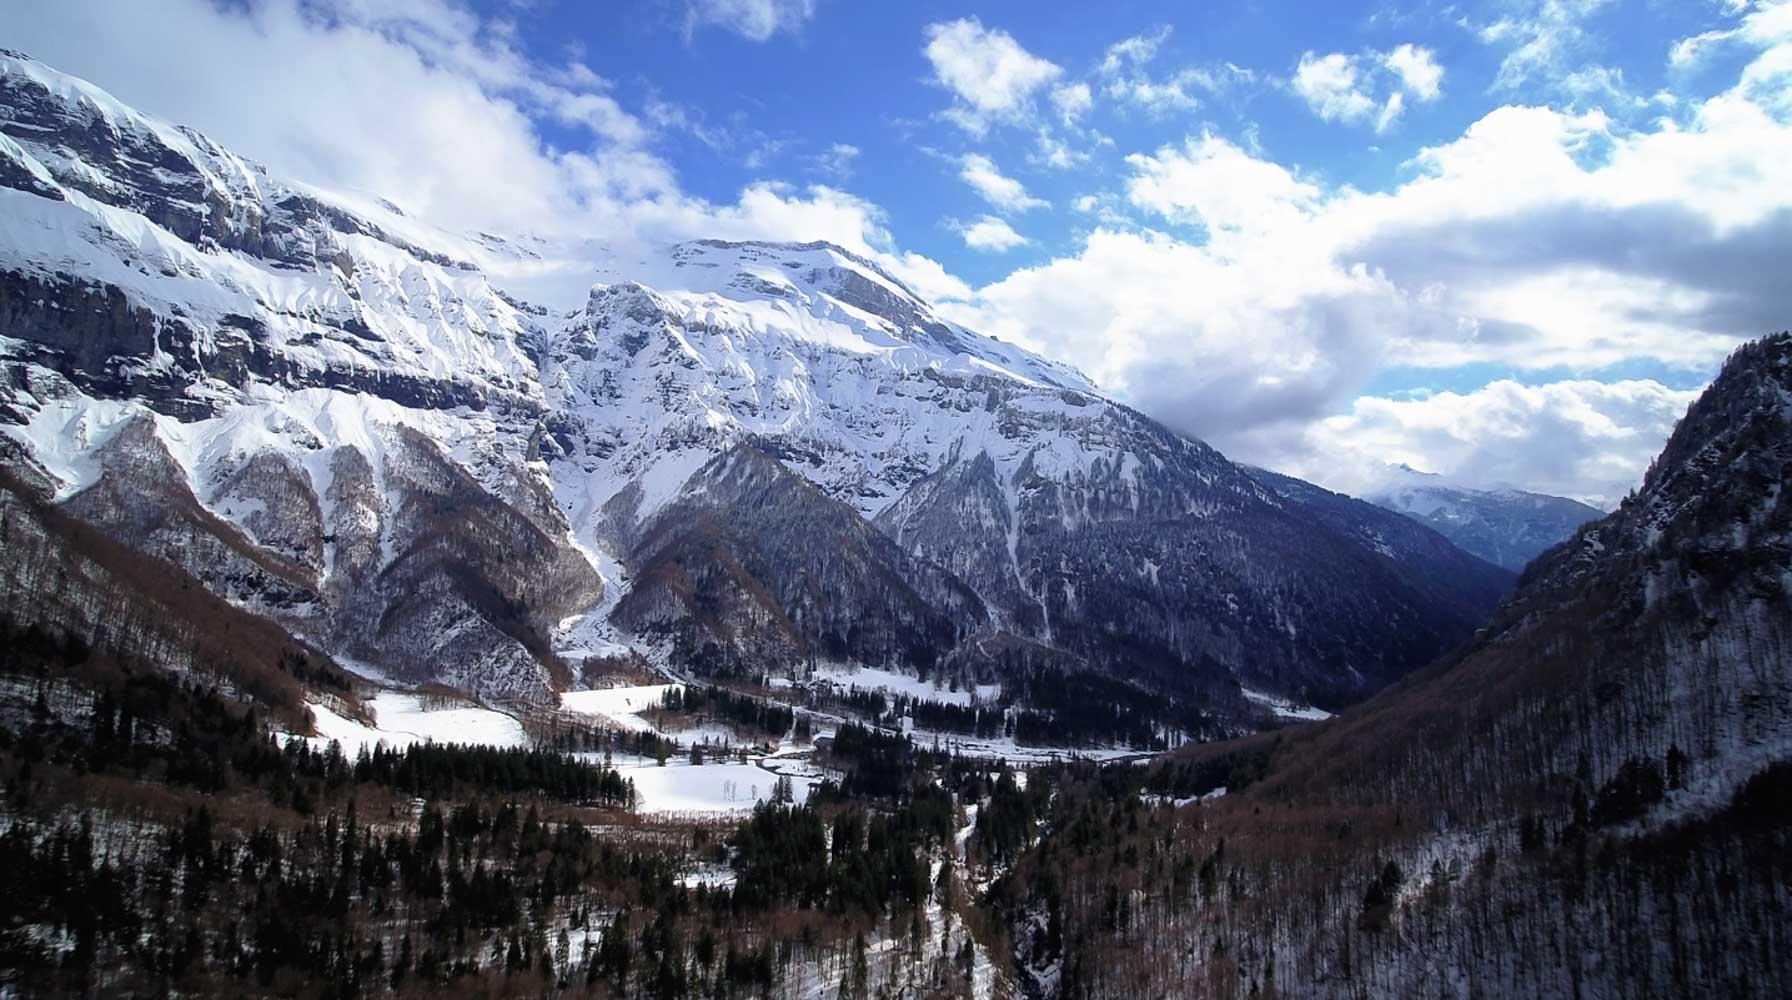 montagne drone Studiofly pour film département haute savoie